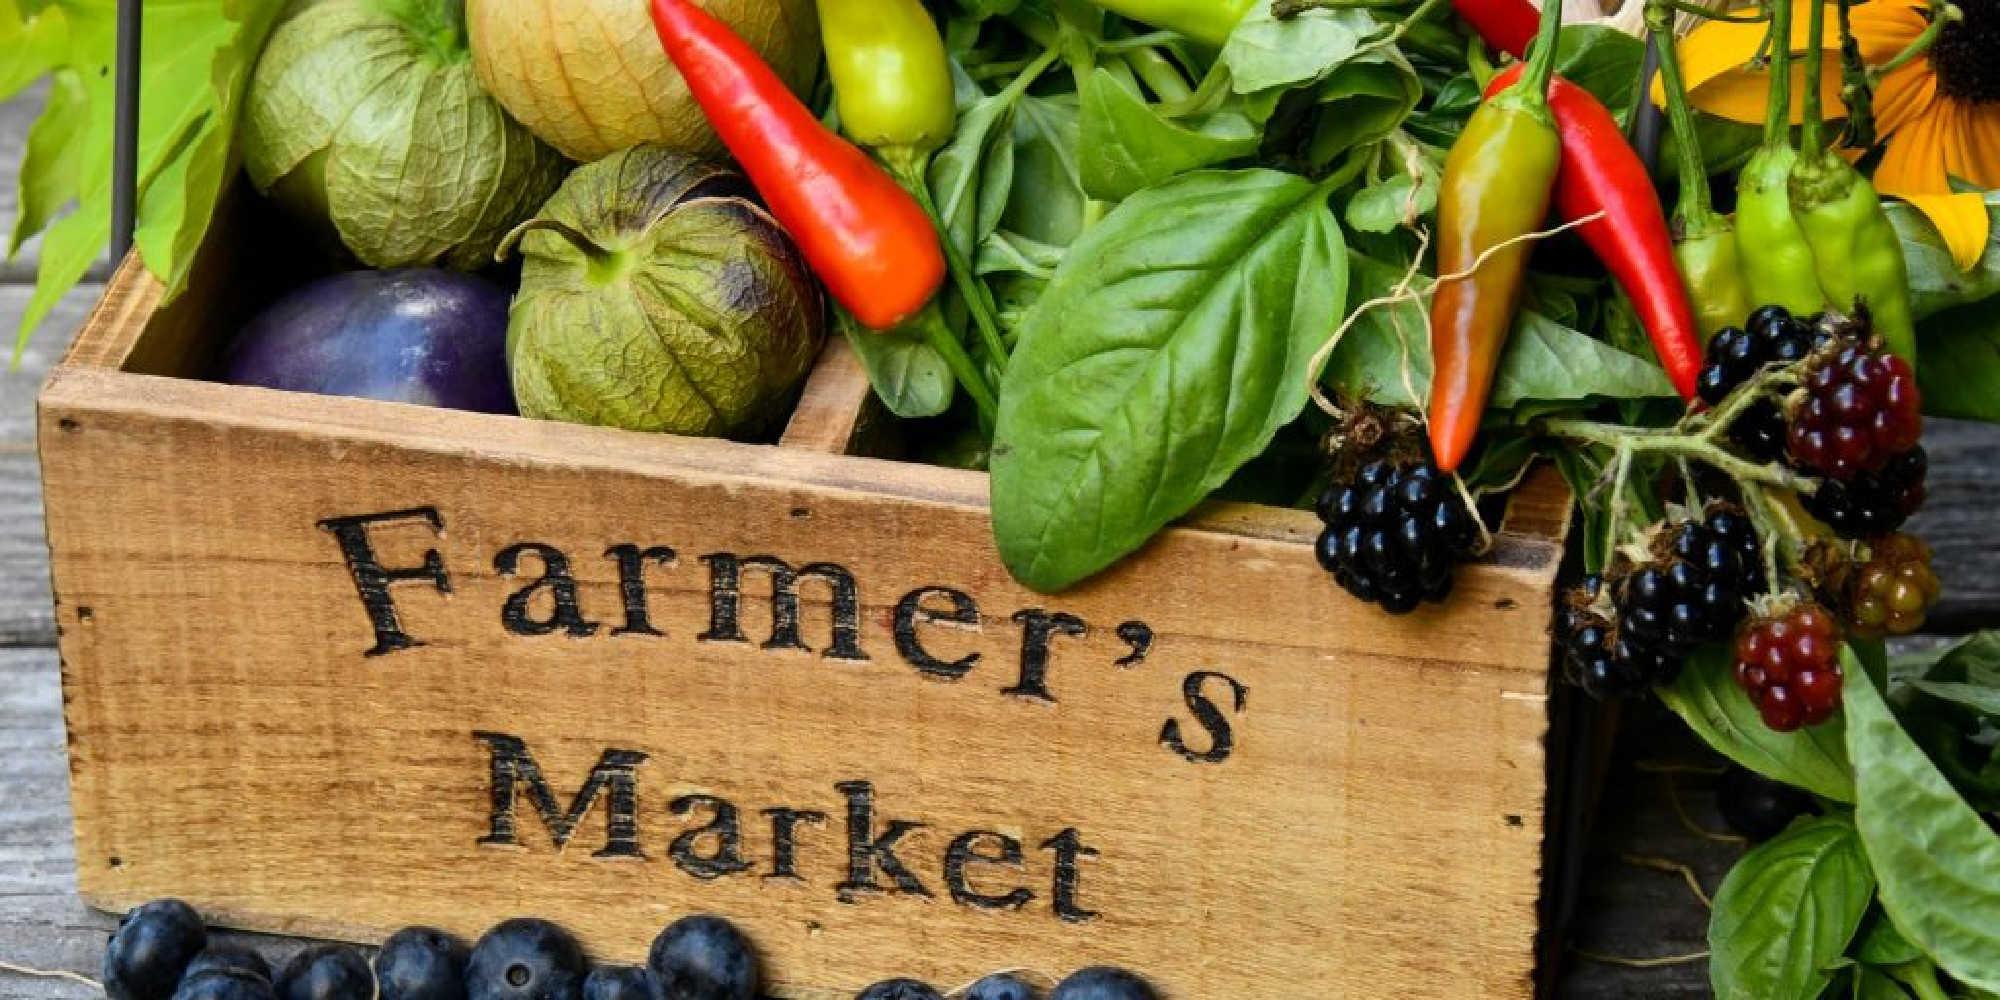 Farmers-Market-